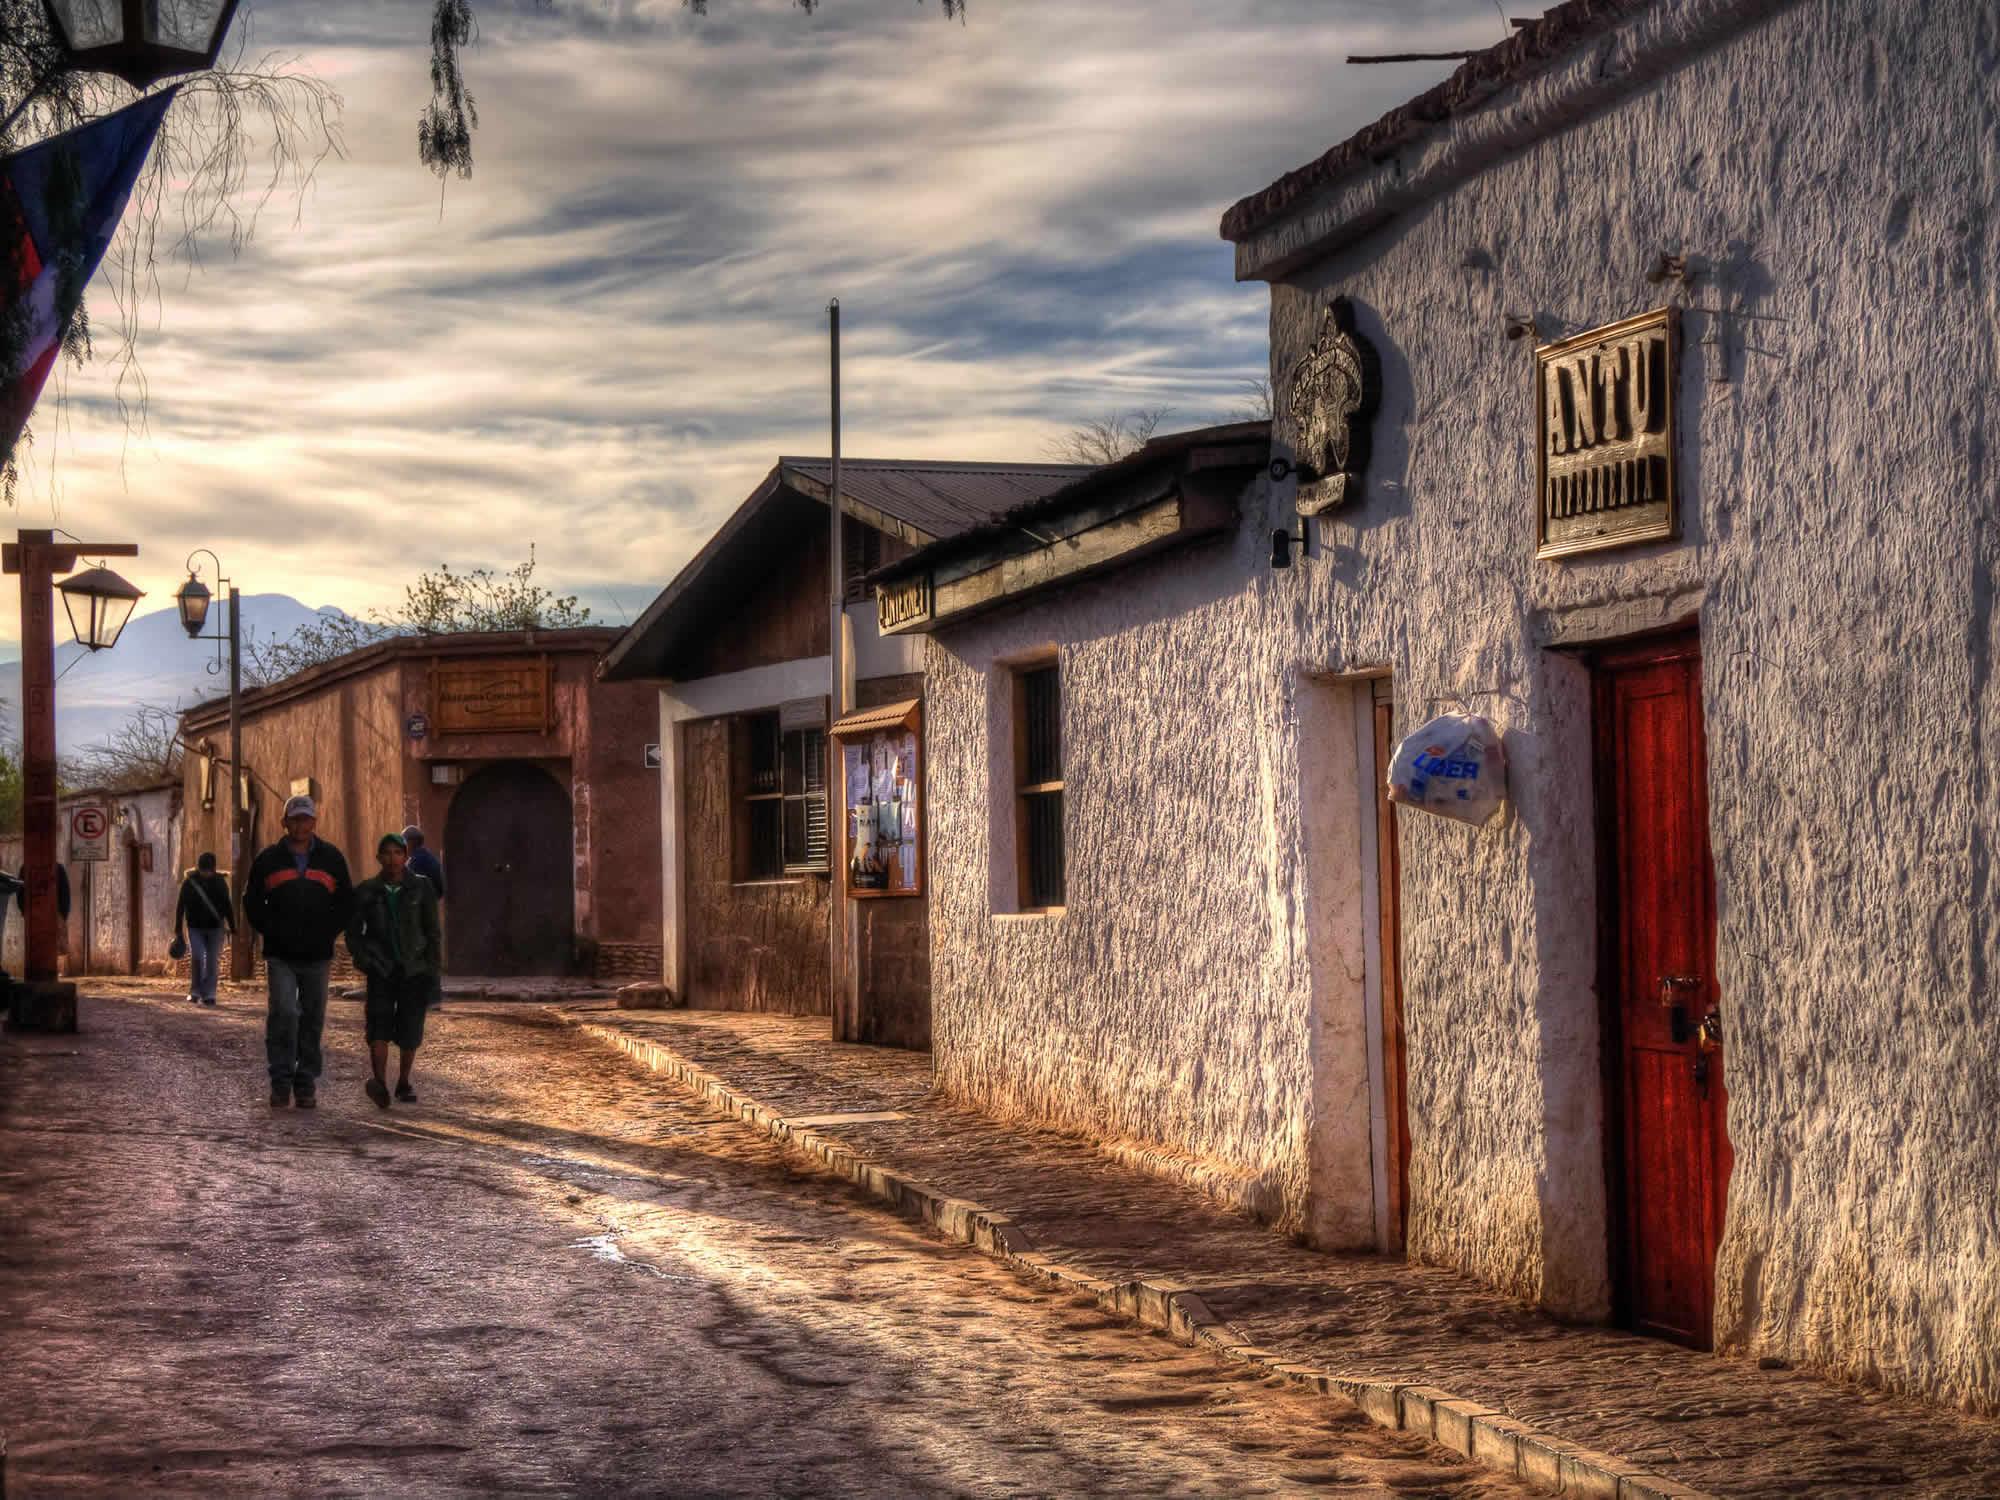 Town of San Pedro de Atacama in Chile